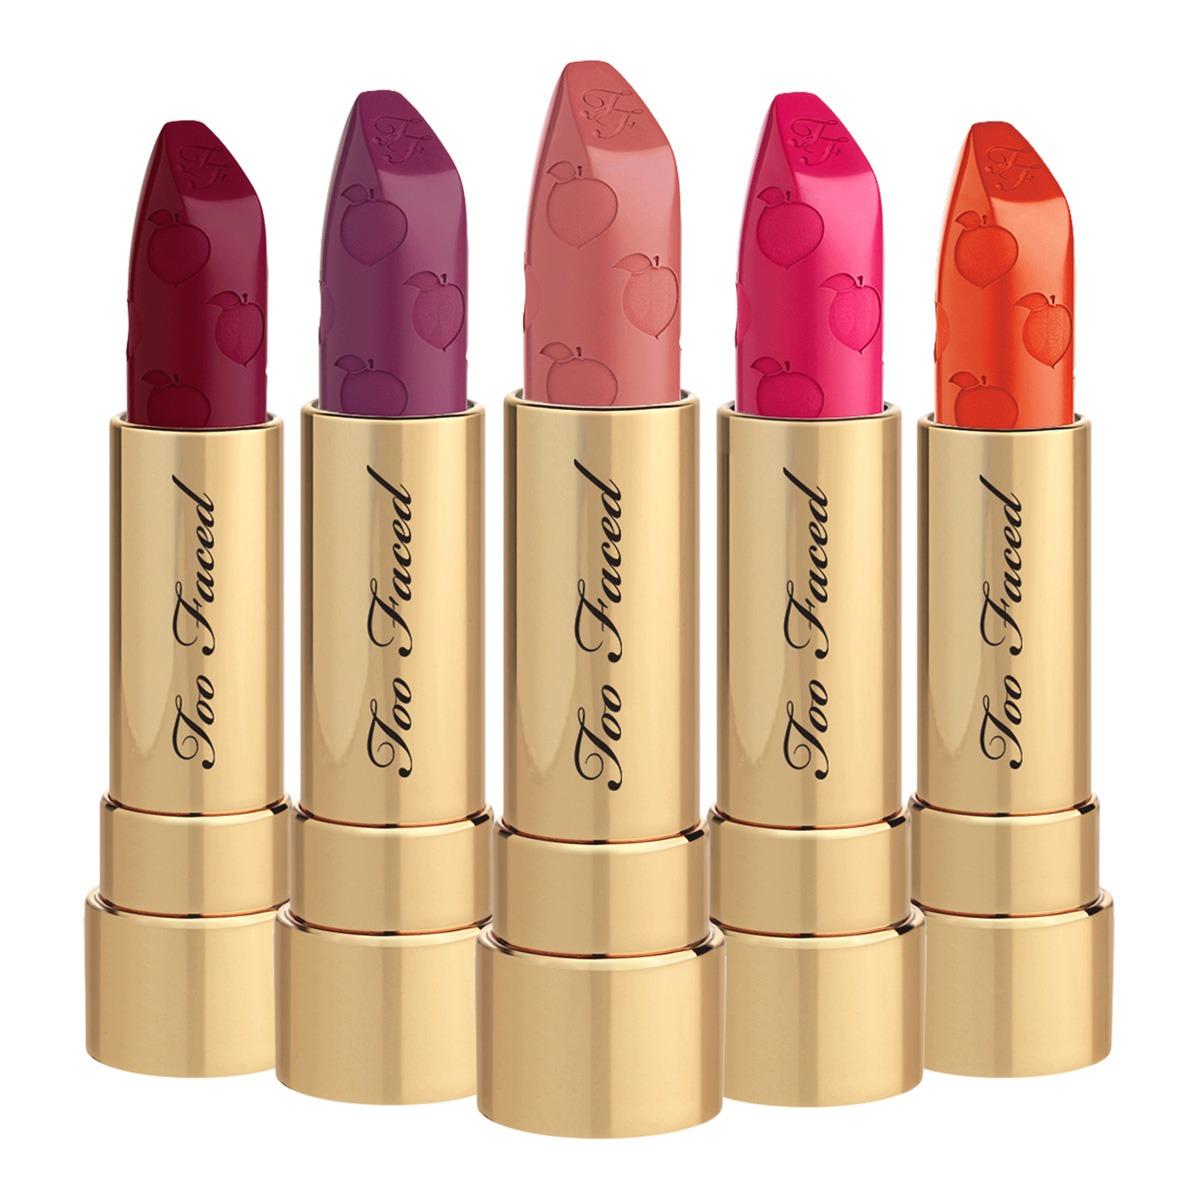 too-faced-peach-kiss-lipstick